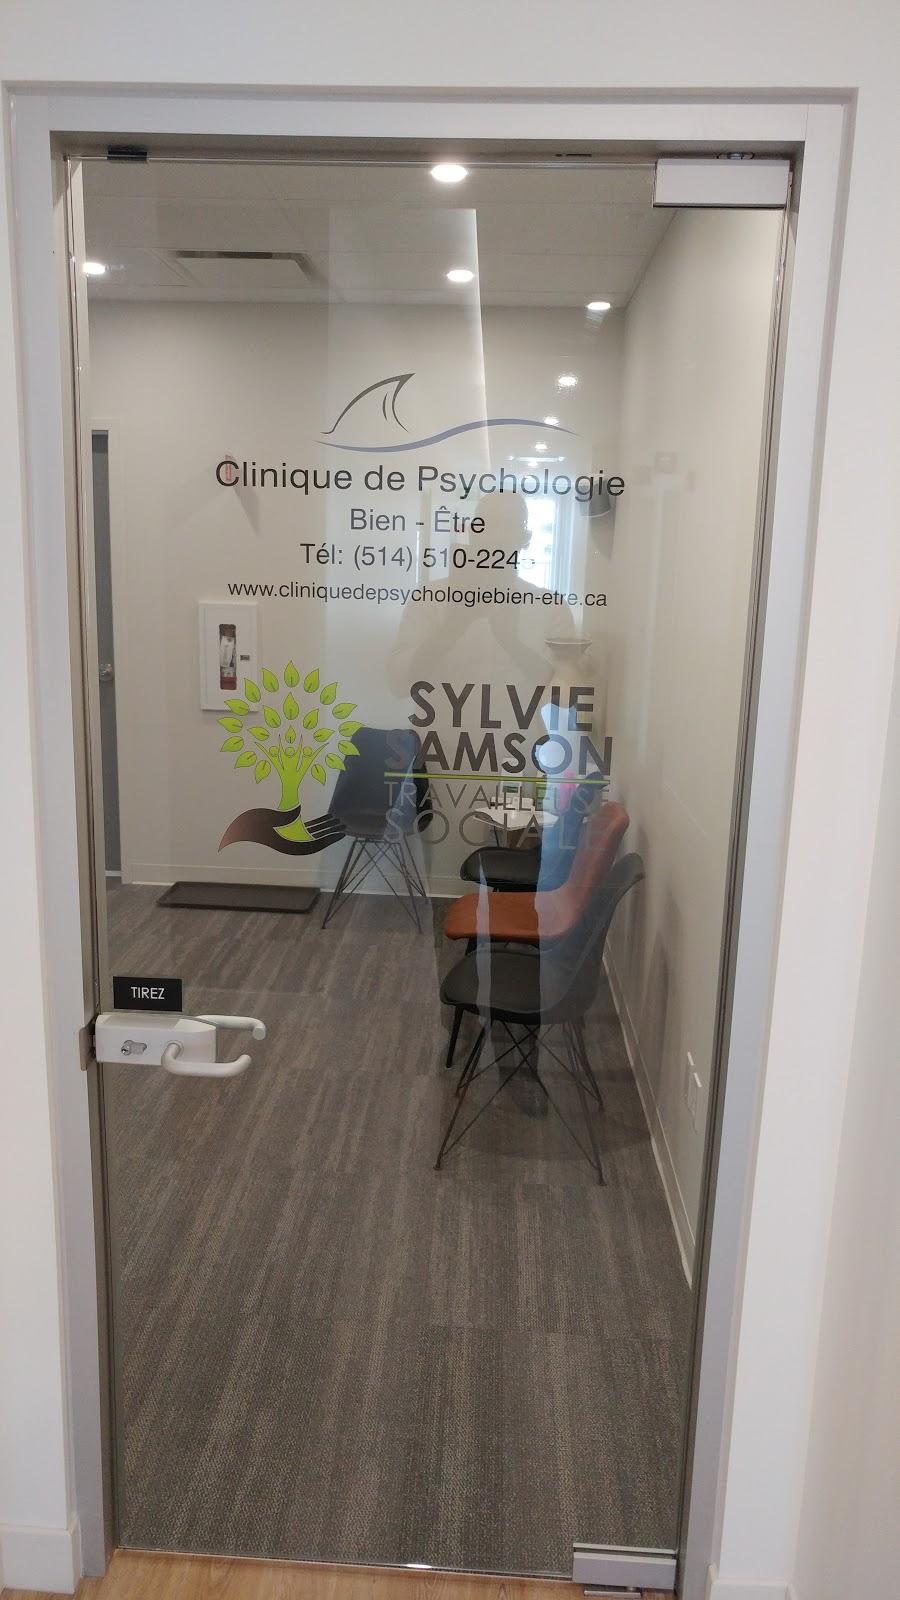 CLINIQUE DE PSYCHOLOGIE BIEN-ÊTRE | health | 5777 Boul Gouin O bureau 420-B, Montréal, QC H4J 1E3, Canada | 5145102245 OR +1 514-510-2245